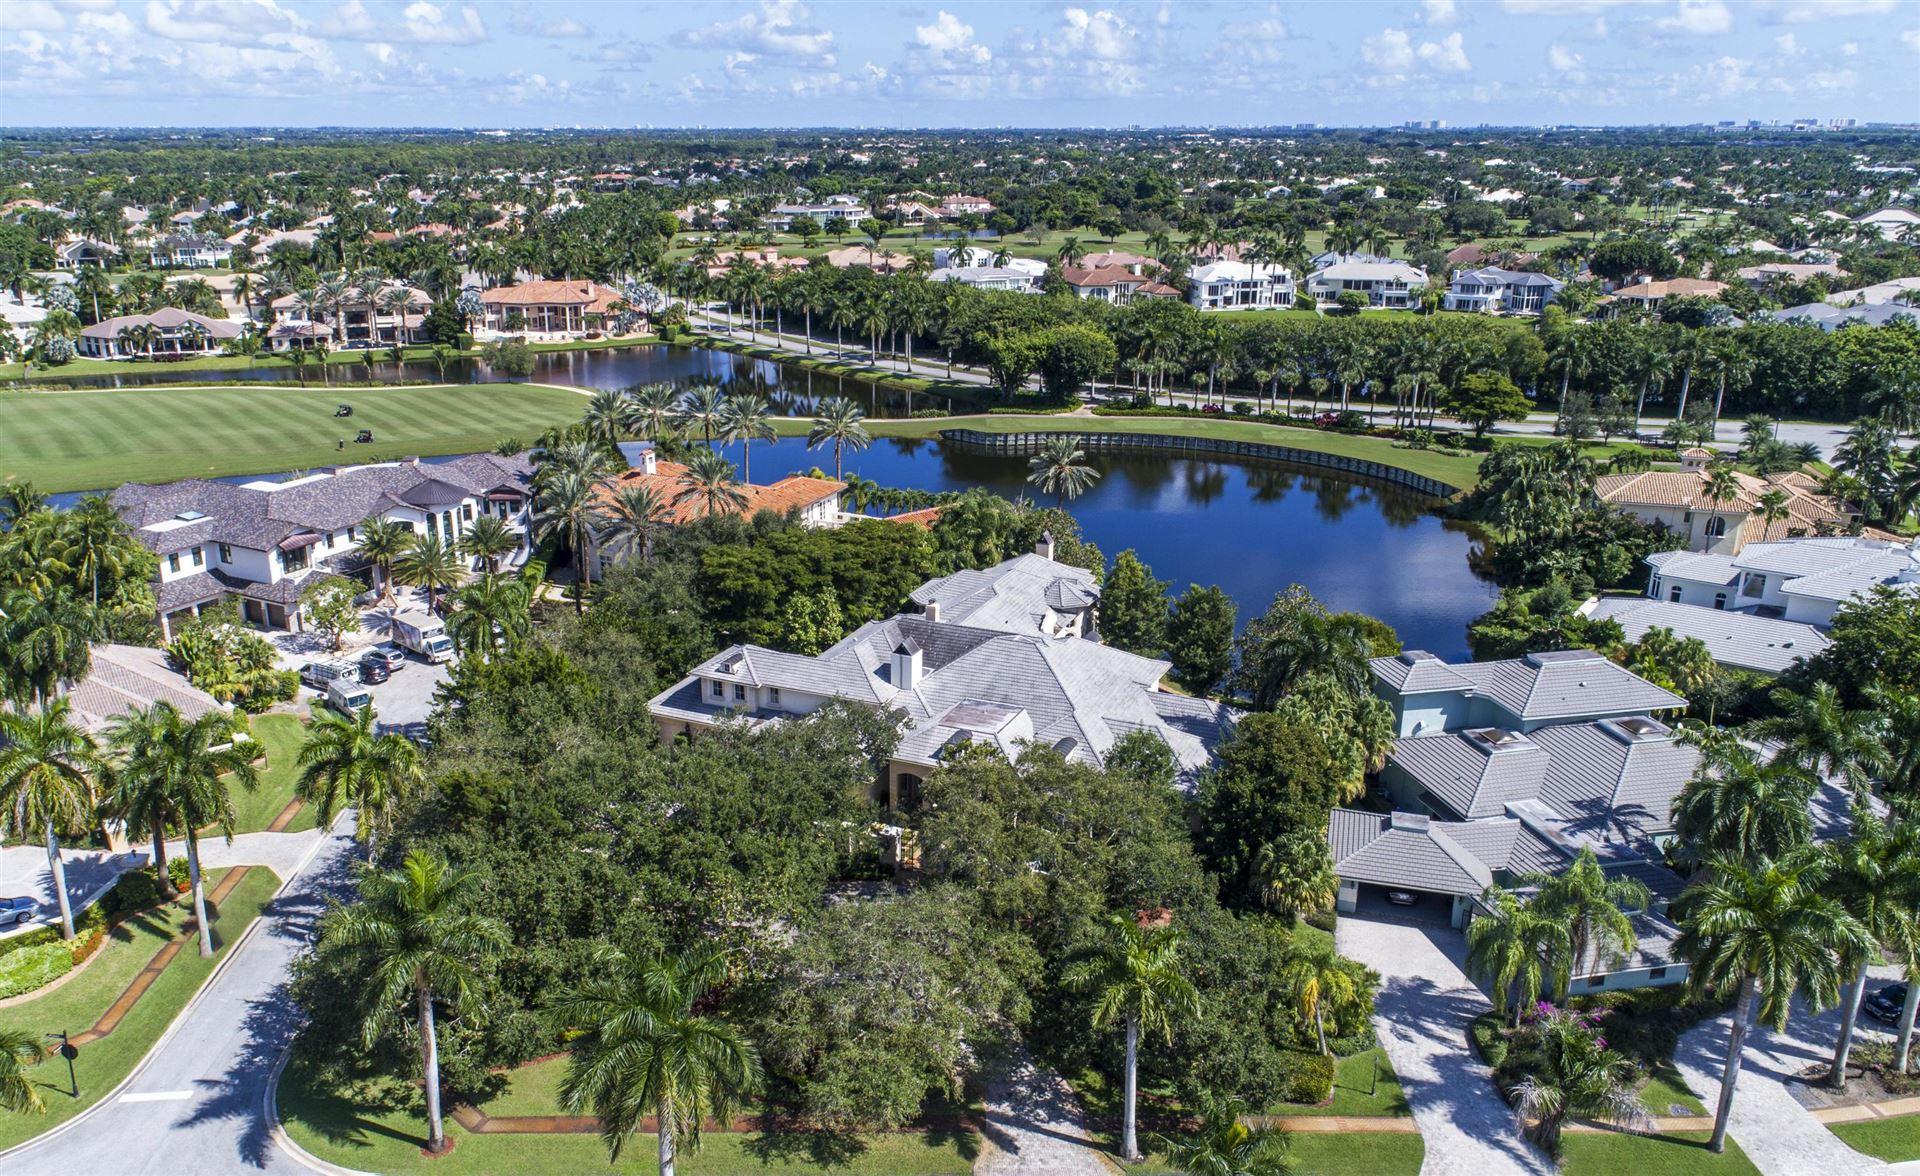 7894 Dunvagen Court, Boca Raton, FL 33496 - #: RX-10642908